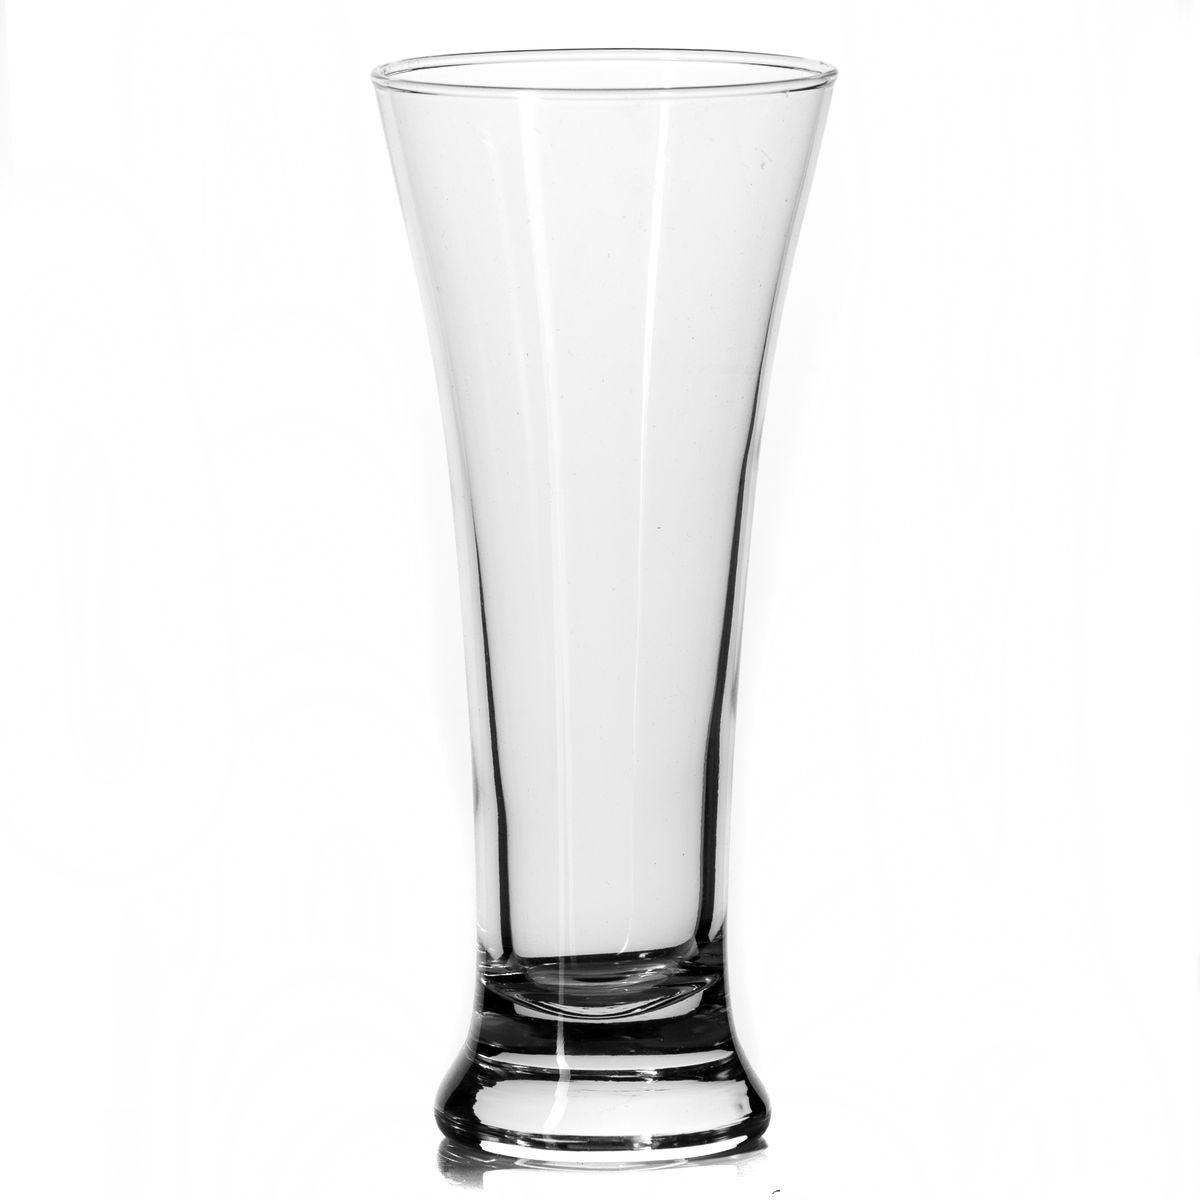 Набор бокалов для пива Pasabahce Pub, 300 мл, 3 шт42199BНабор Pasabahce Pub состоит из трех бокалов, выполненных из прочного натрий-кальций-силикатного стекла. Бокалы, оснащенные утолщенным дном, предназначены для подачи пива. Такой набор прекрасно подойдет для любителей пенного напитка.Можно мыть в посудомоечной машине и использовать в микроволновой печи.Высота бокала: 18 см.Диаметр бокала (по верхнему краю): 7,5 см.Диаметр дна: 5,5 см.